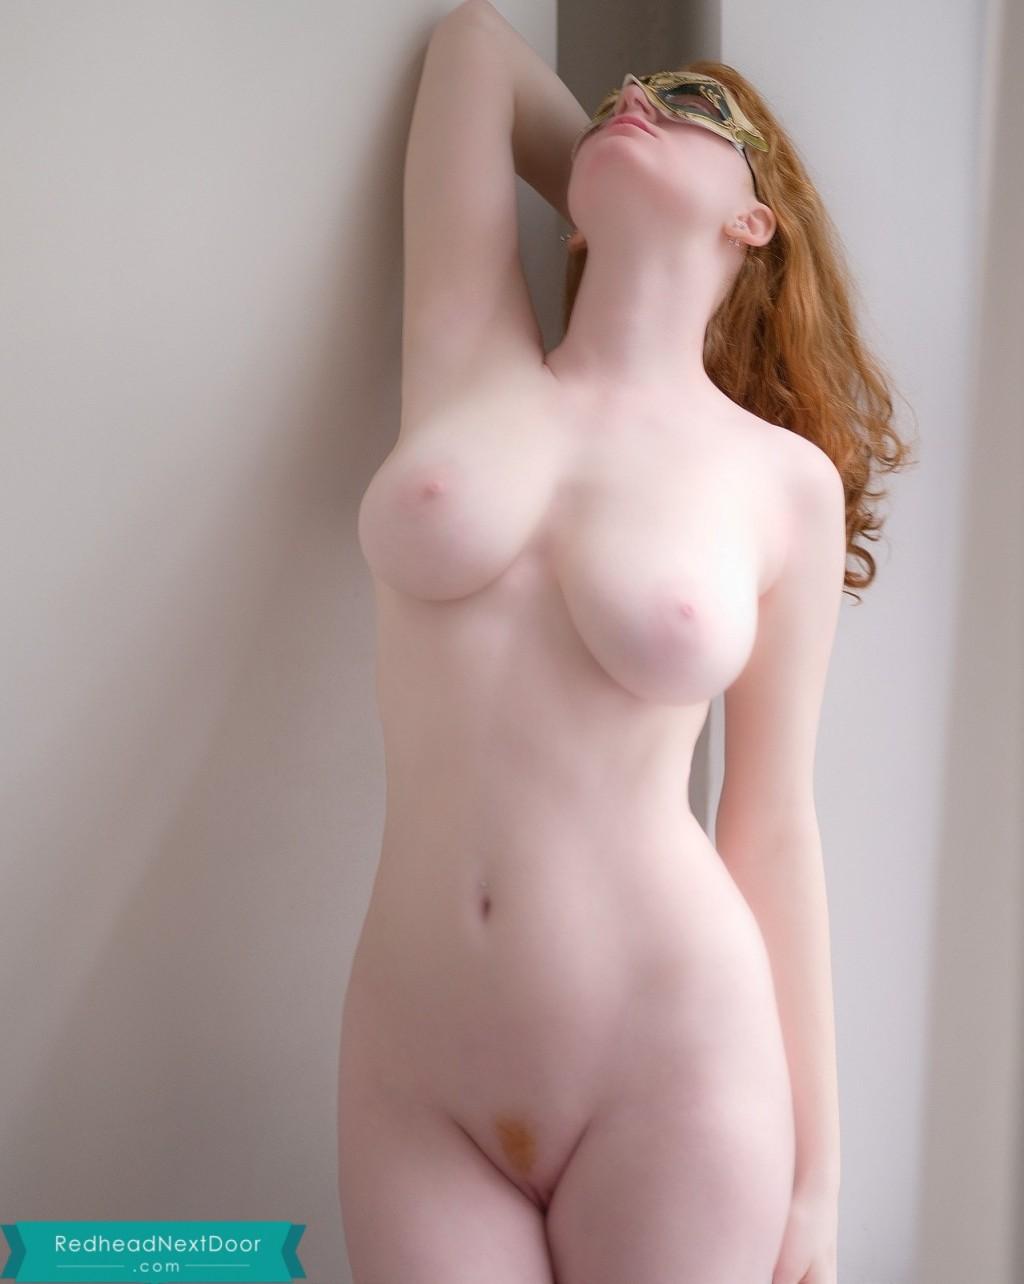 austinwhite nude